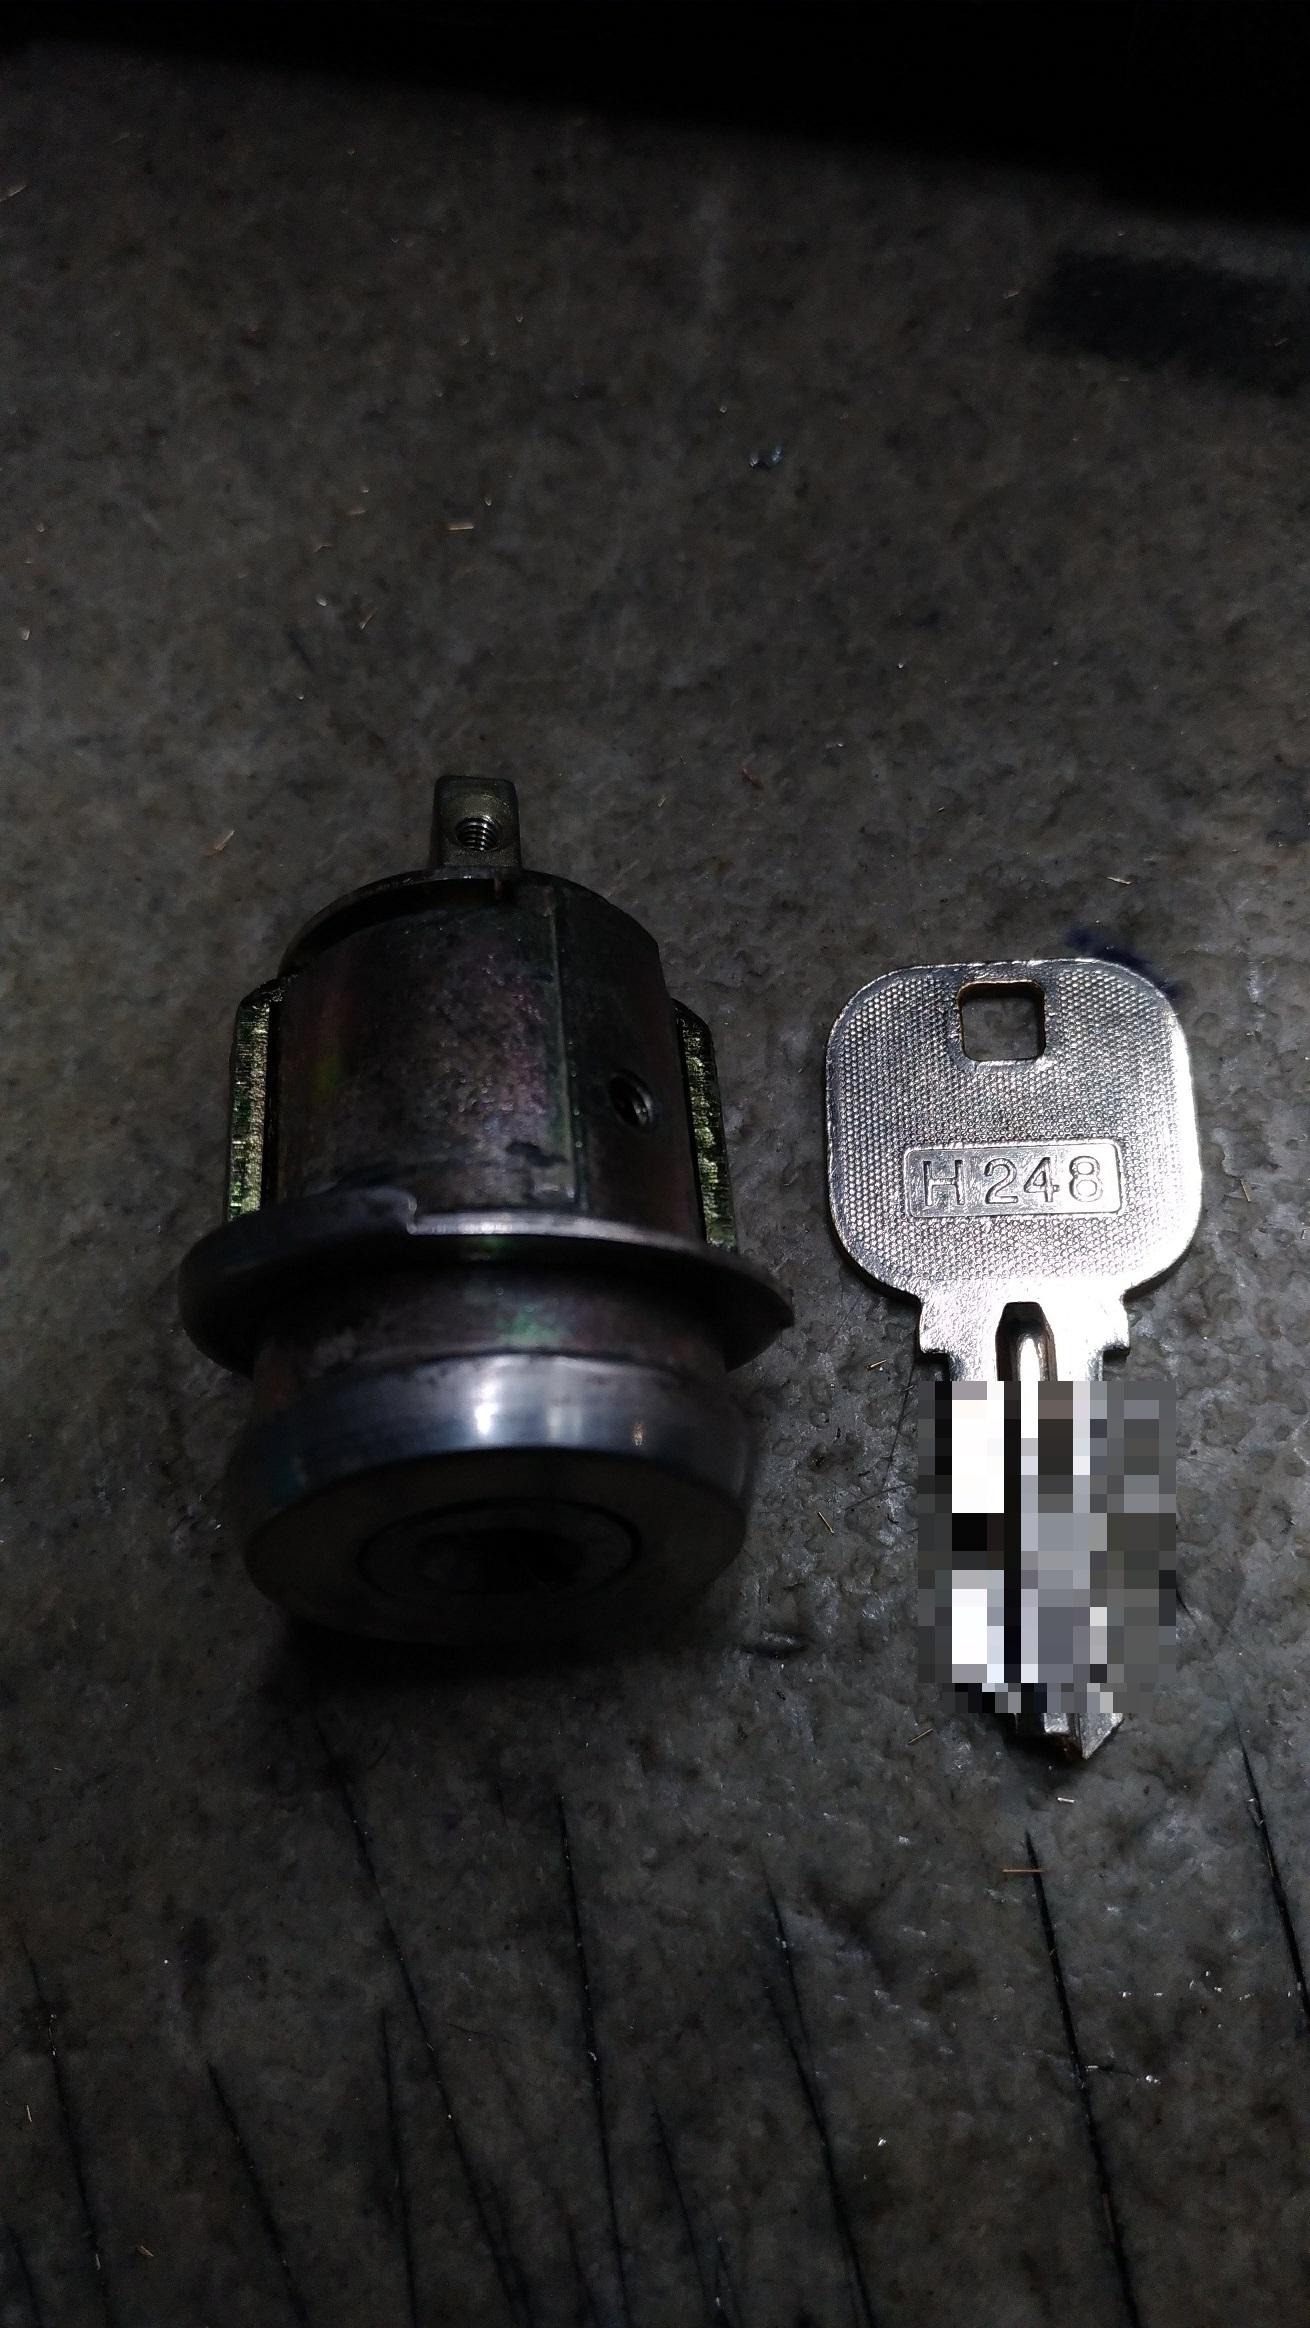 折れた鍵が一番奥まで入っています。ブランクキーの持つ部分にH248の刻印がありますね。